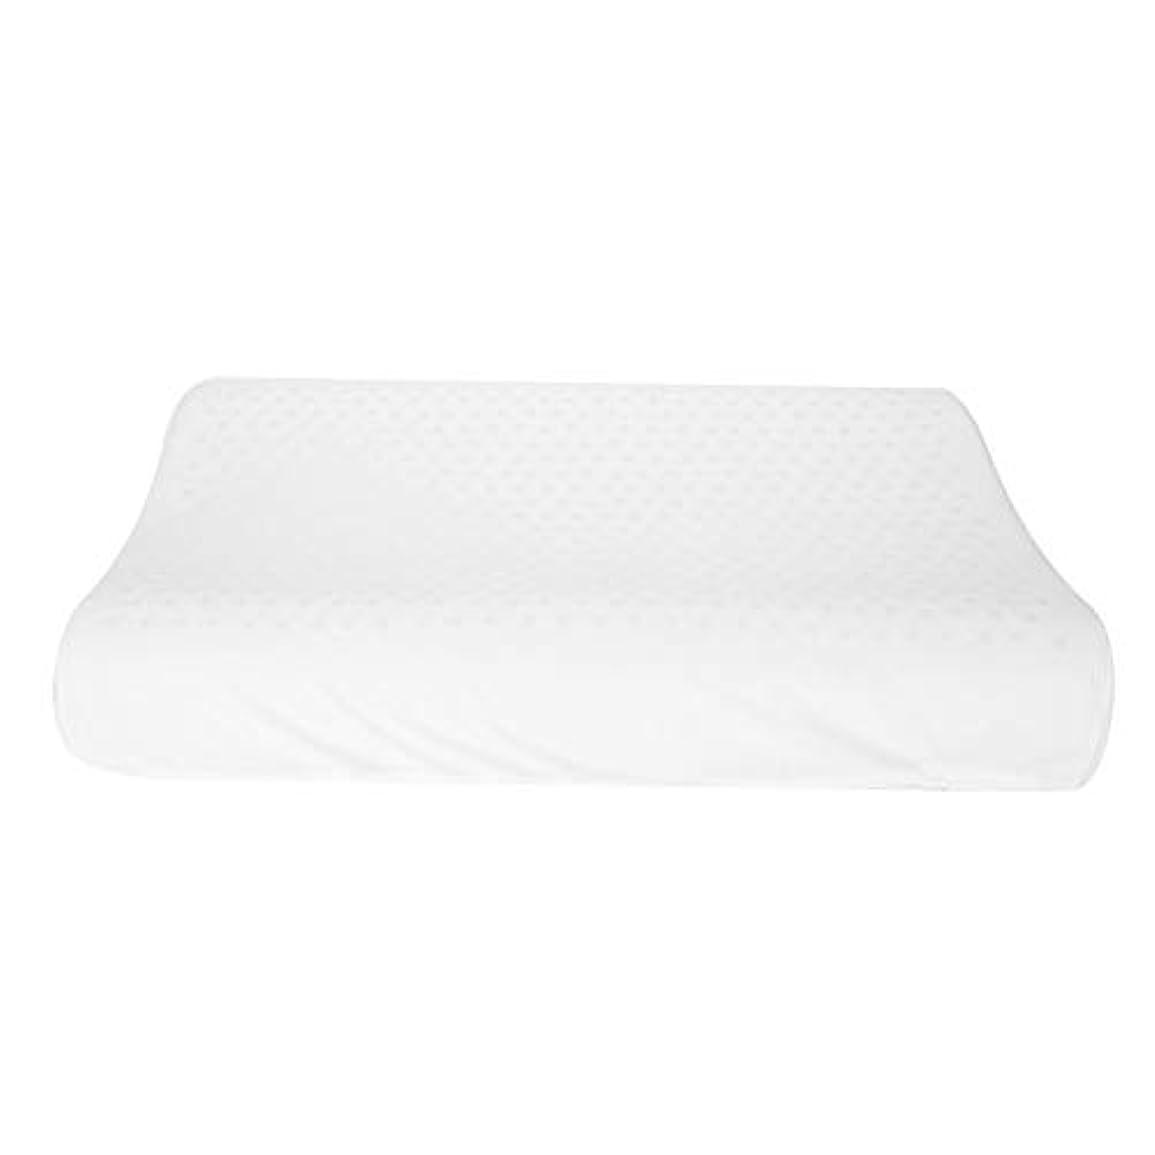 ラテックス、自然な乳液の枕大きい版のカーブの波の大人の首のマッサージの枕ヘルスケア